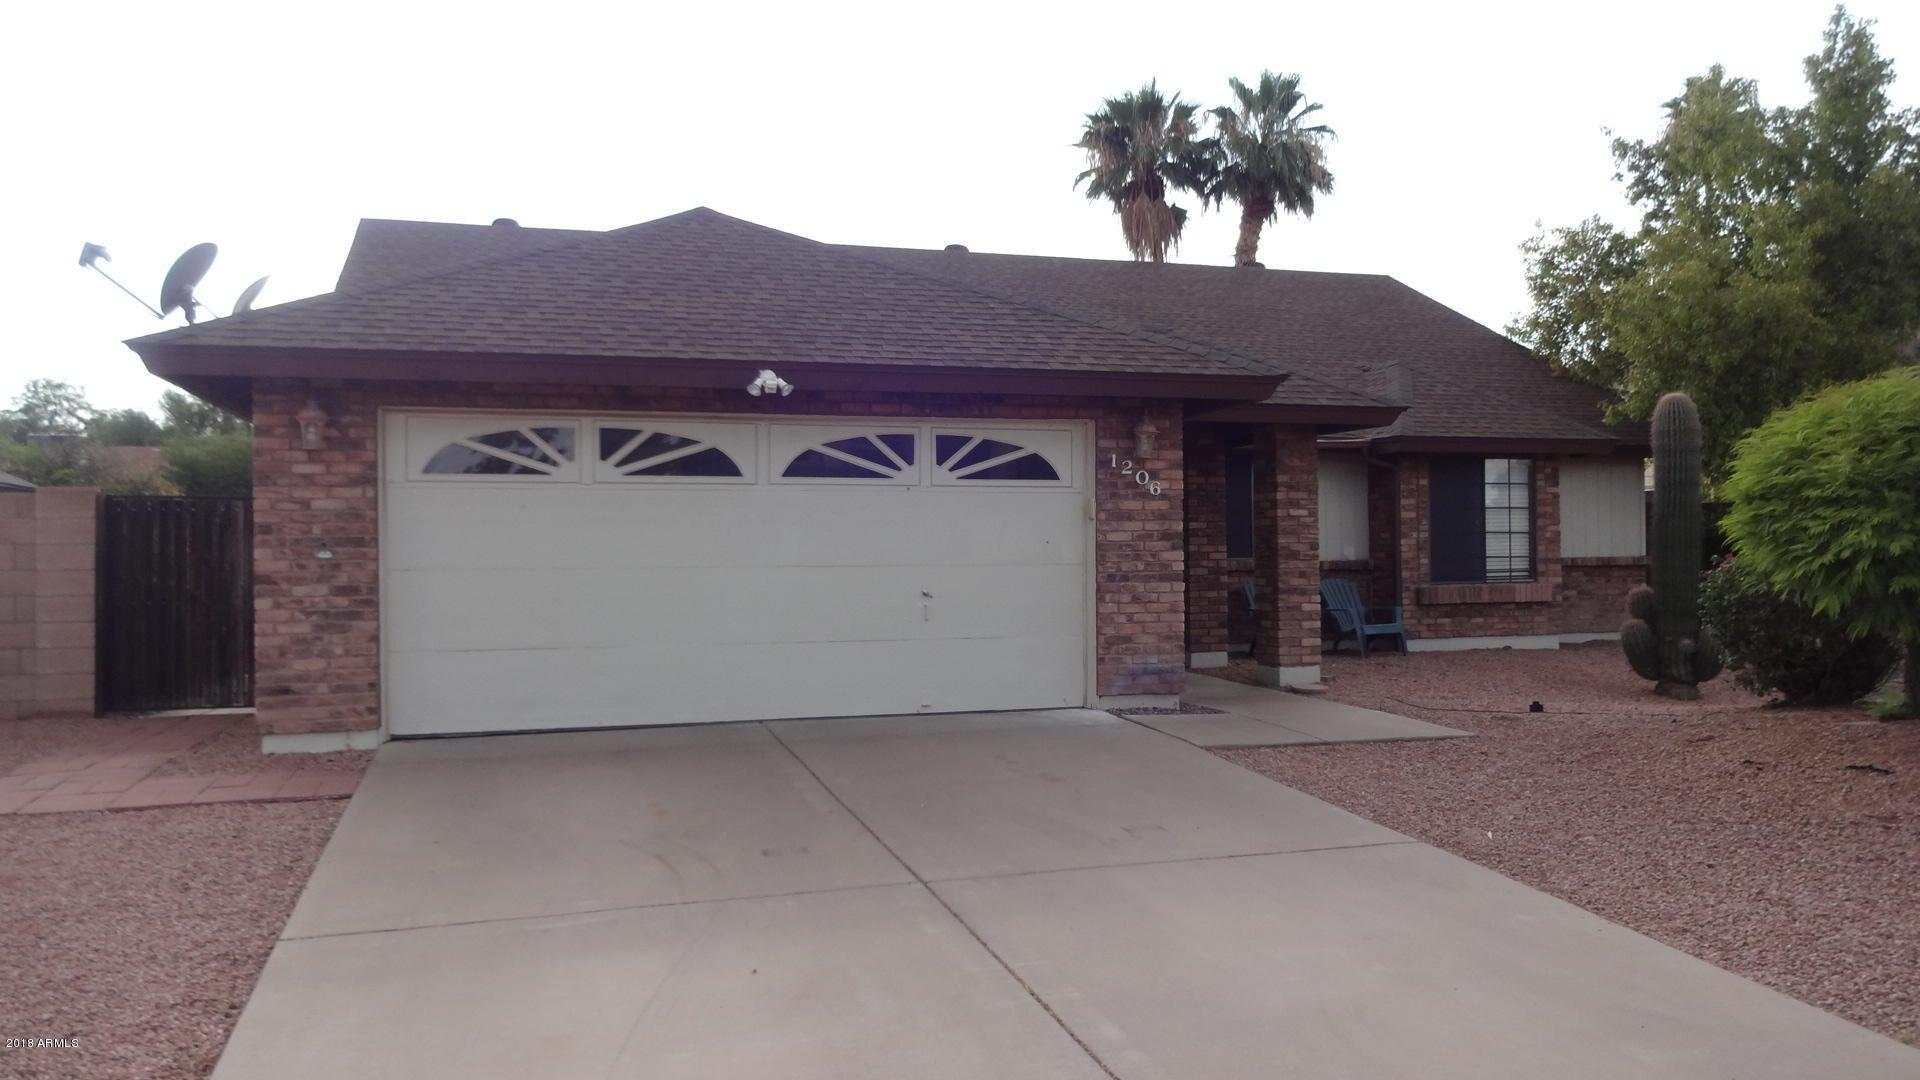 1206 N LAKESHORE Drive, Chandler, AZ 85226